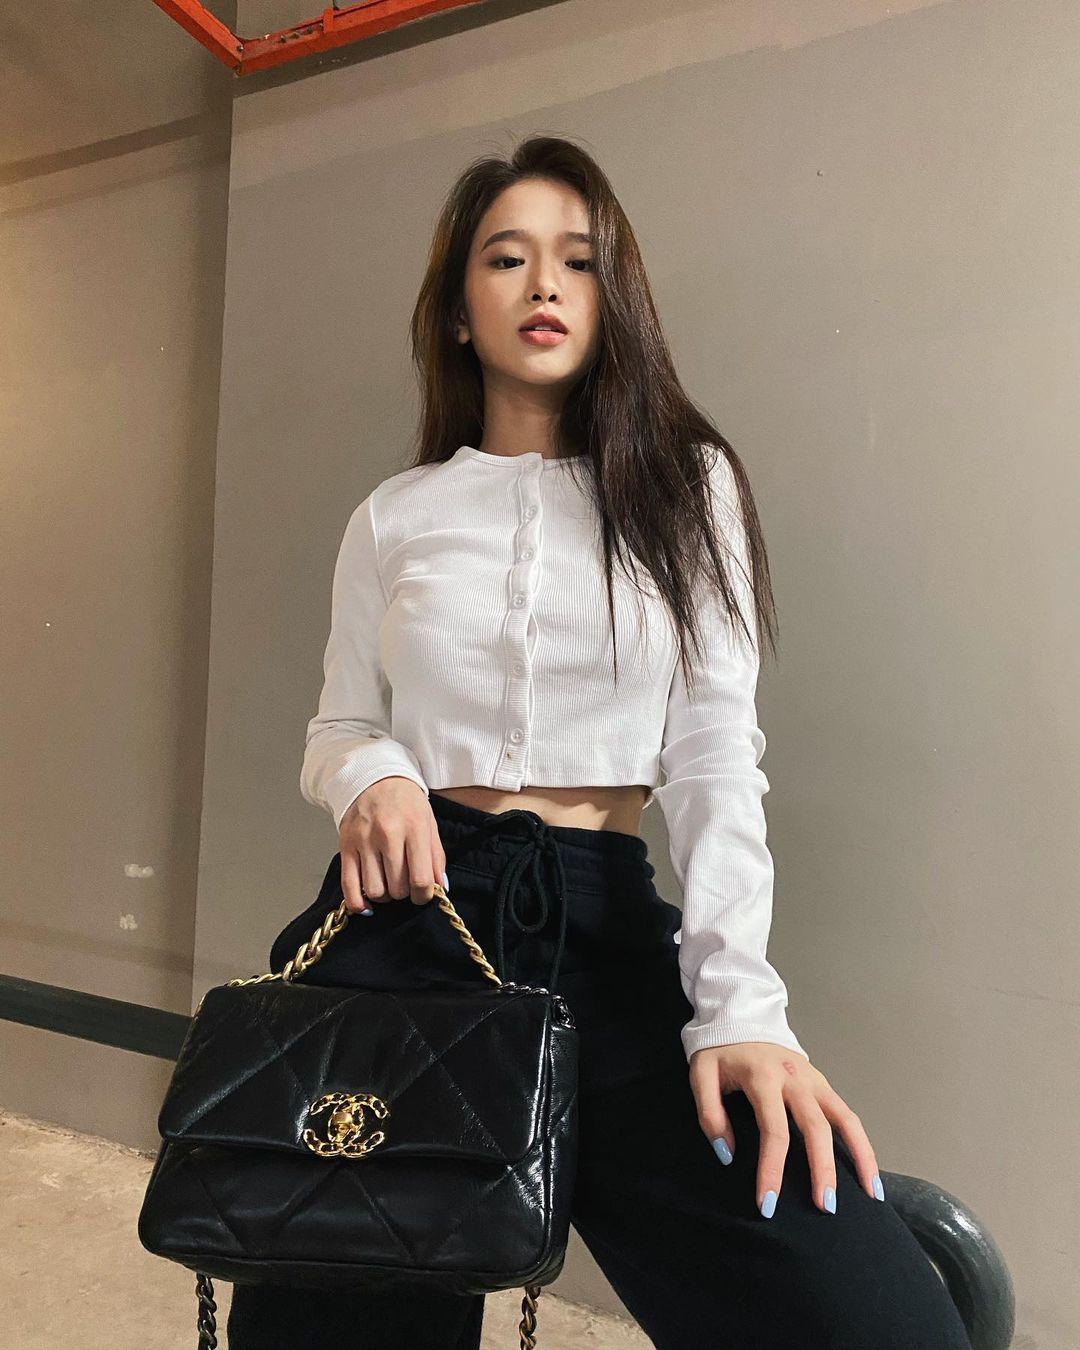 Khéo lựa trang phục cũng như mix&match cùng hàng hiệu đẳng cấp, Linh Ka khiến không ít tín đồ thời trang ngạc nhiên khi tự bóc giá quần áo. Thiết kế croptop thun gân hợp mốt được cô nàng bật mí có giá chỉ 60k. Vì quá rẻ, hot girl mua hai chiếc hai màu đen, trắng để thay đổi.